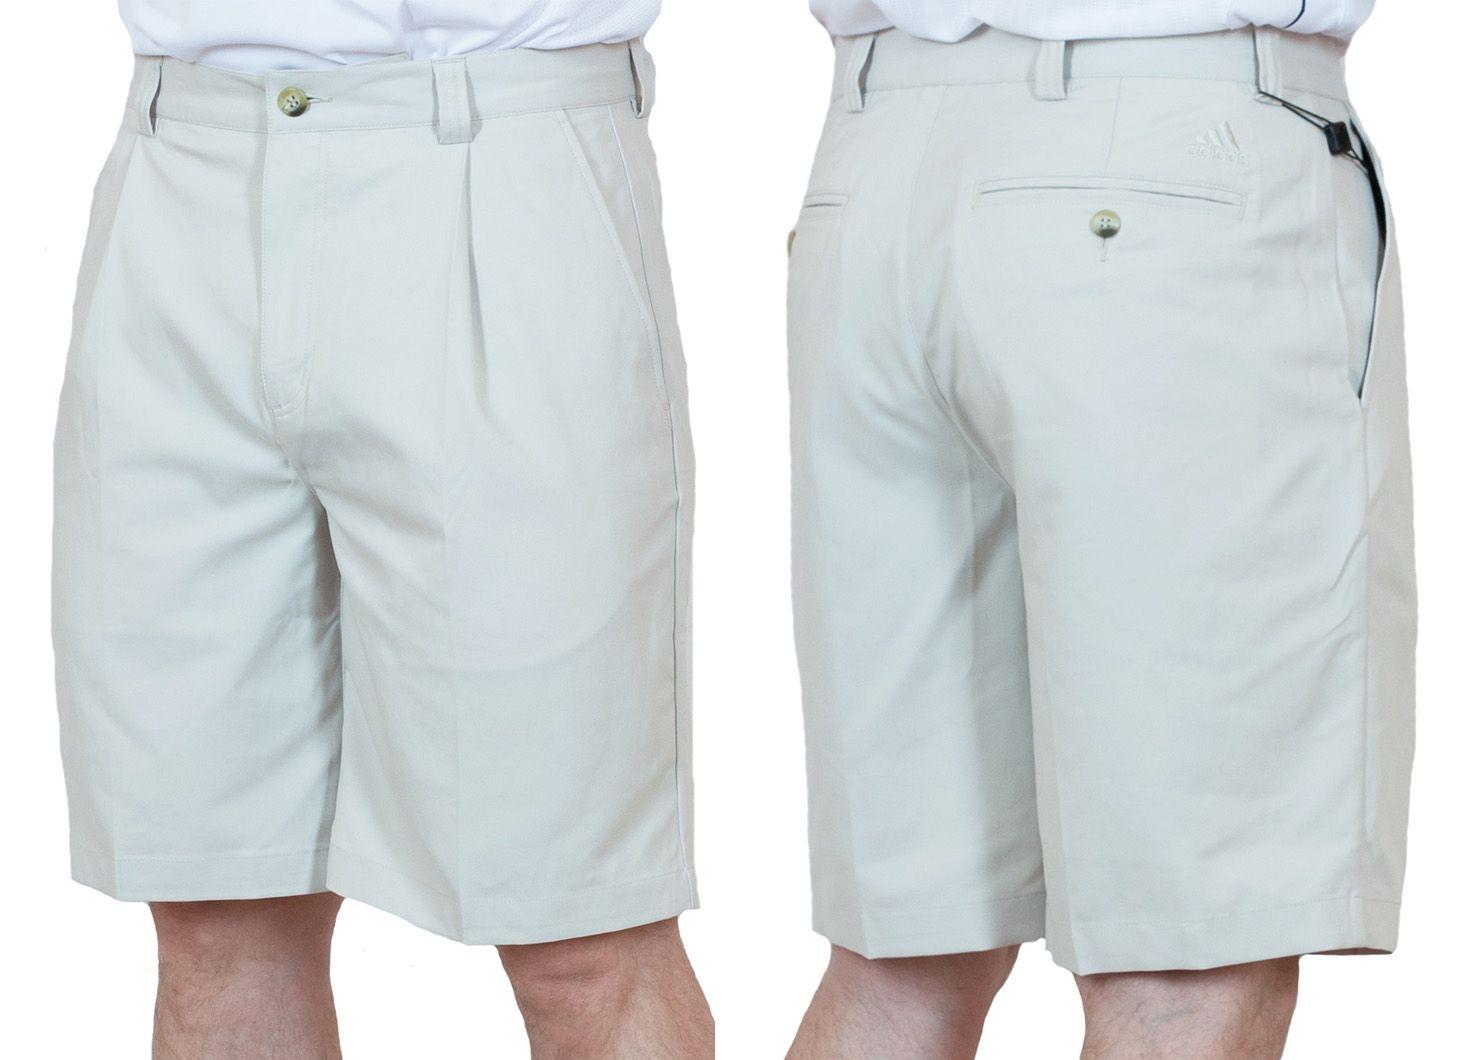 Легкие курортные шорты для мужчин - общий вид